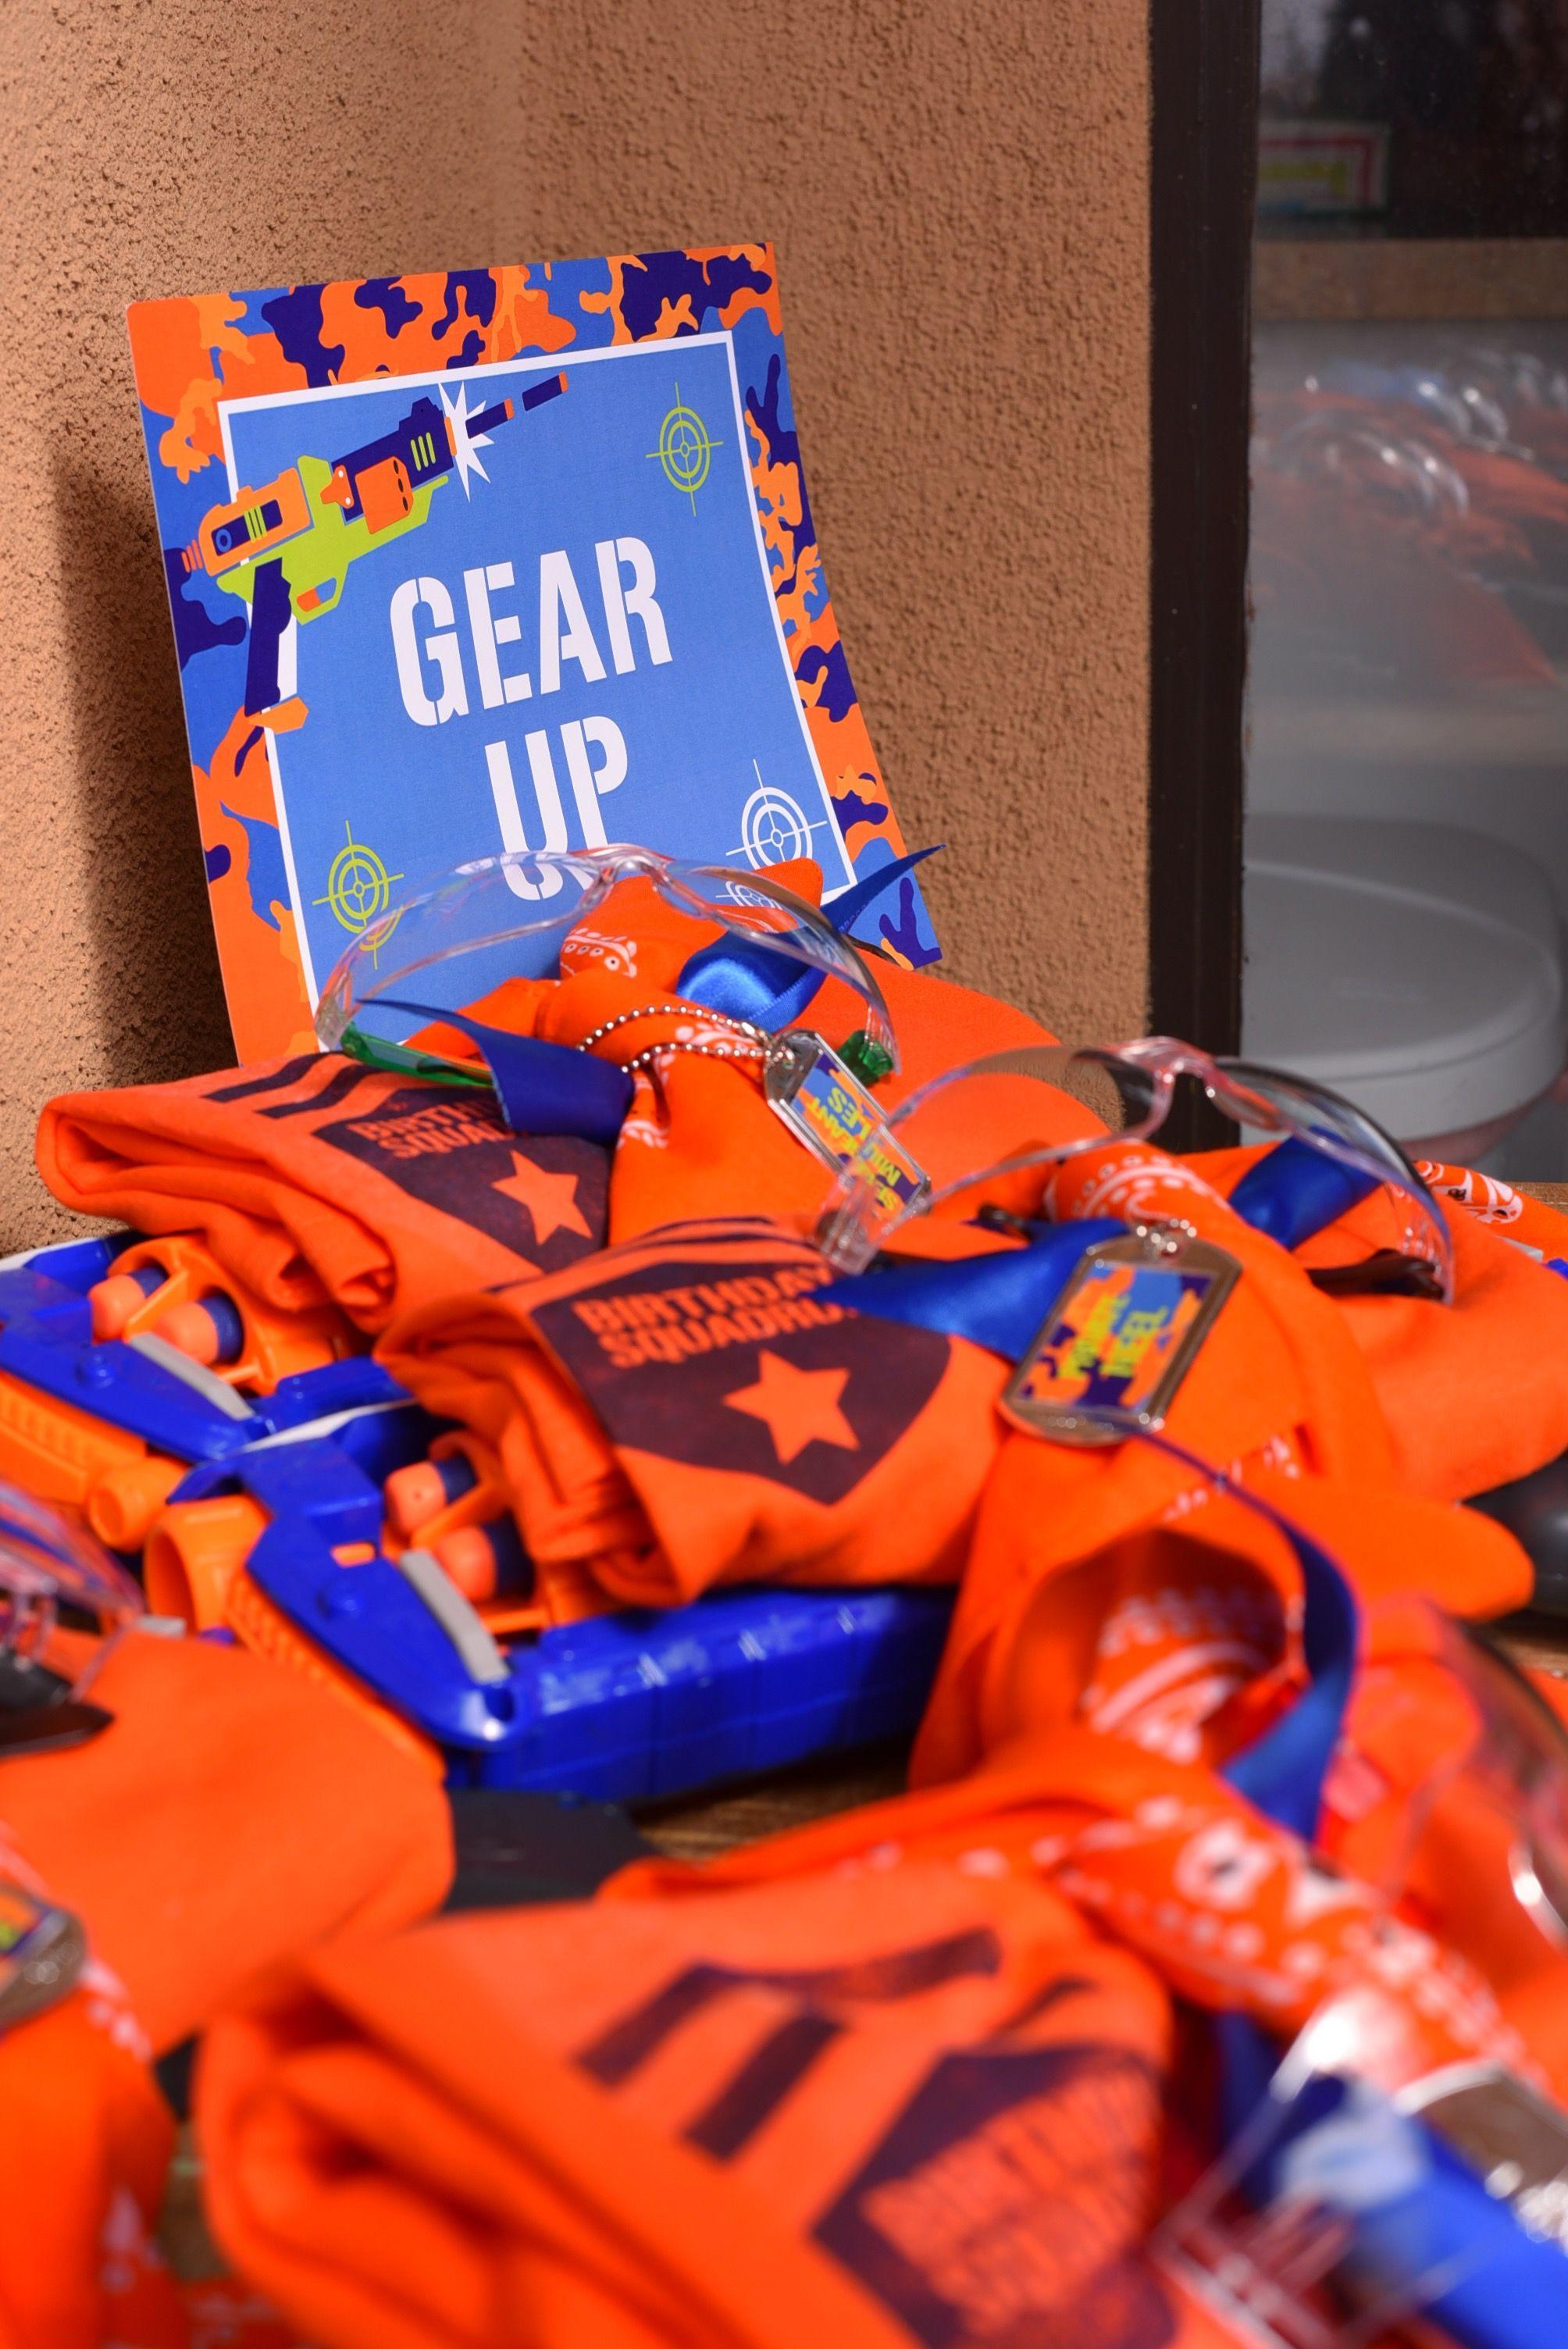 INSTANT DOWNLOAD - Dart Gun Birthday Party Package, War Birthday, Dart Gun  Party Printables, Orange and Blue War Printables, Battle Birthday